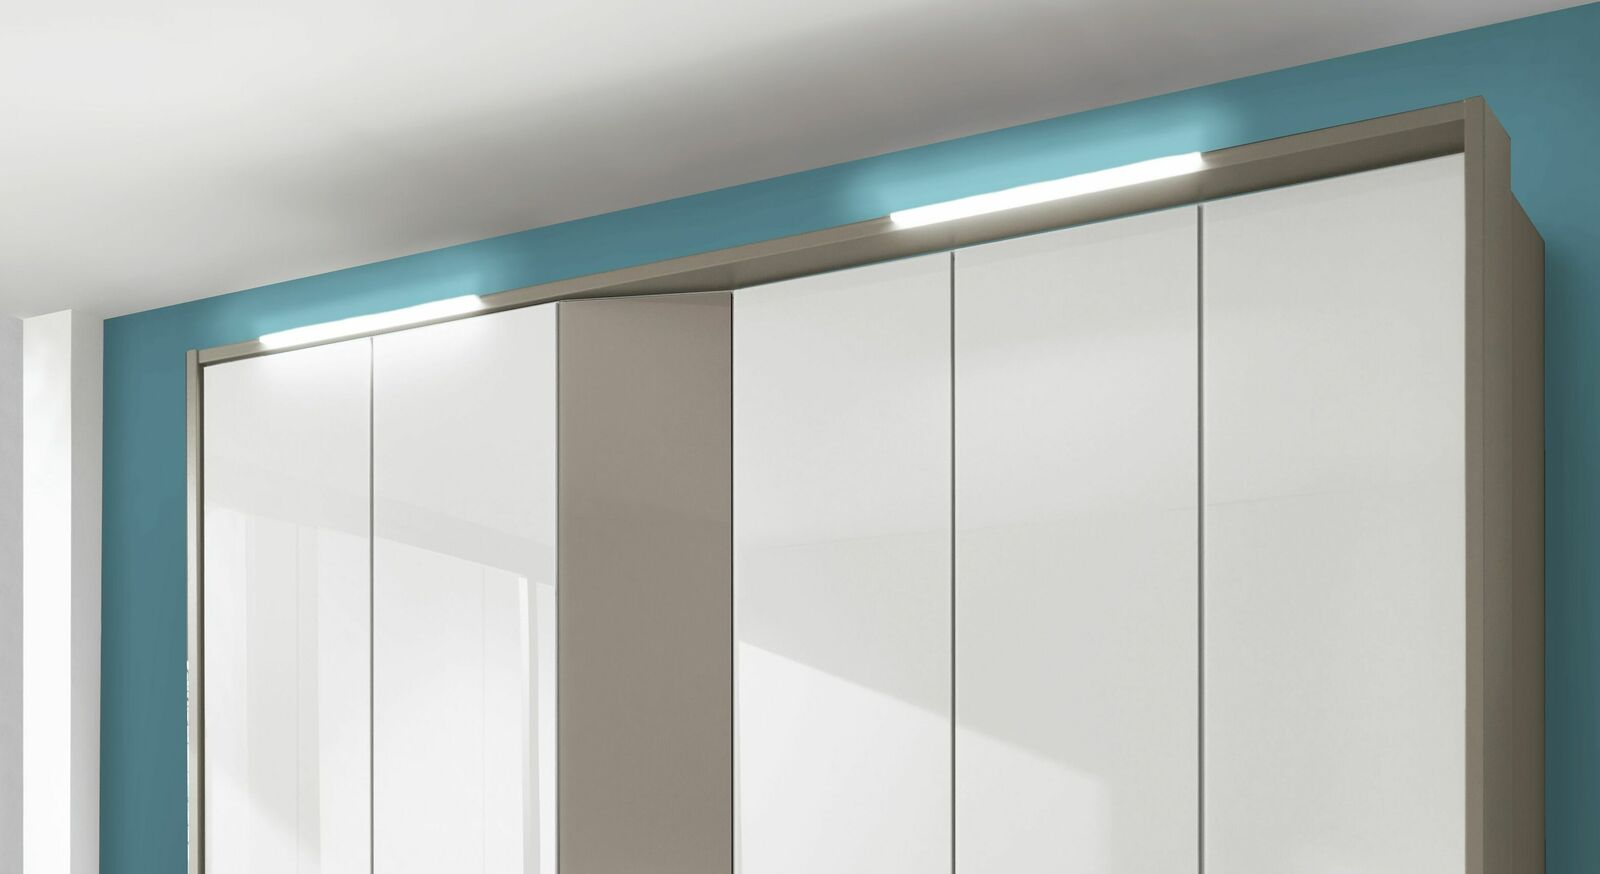 LED-Vorbauleuchte ideal als Ergänzung zum Schrank